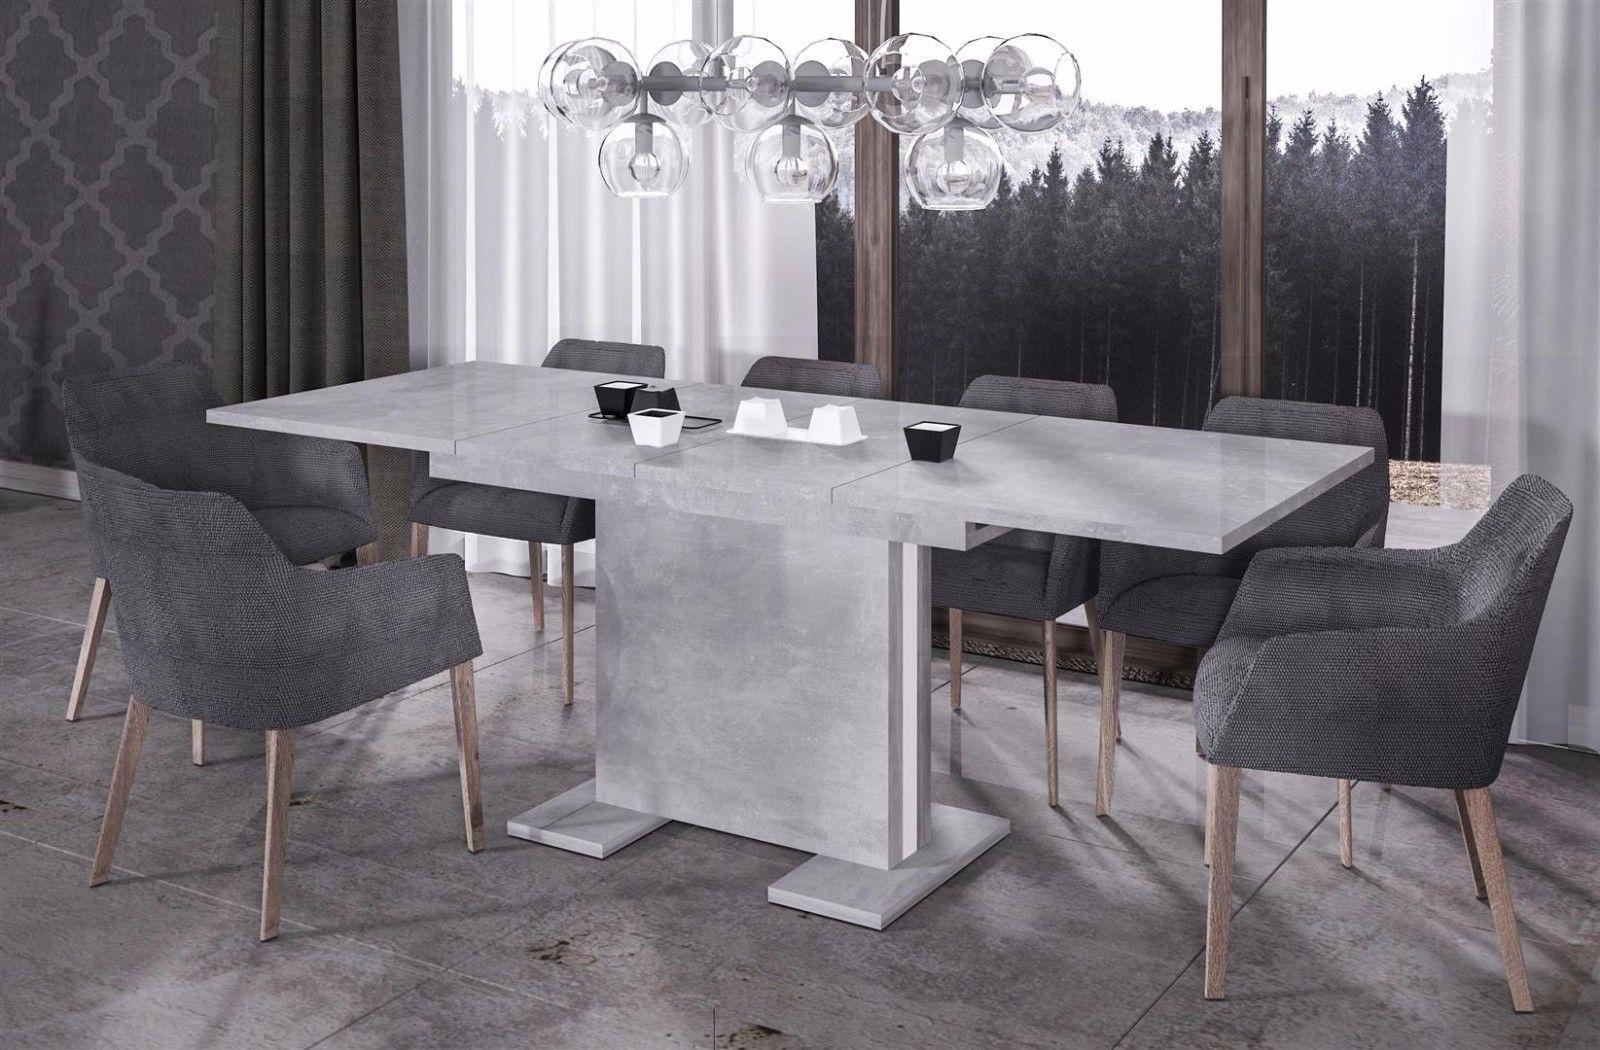 Designer Wohnzimmerlen sulentisch holz fabulous medium size of moderne huser mit